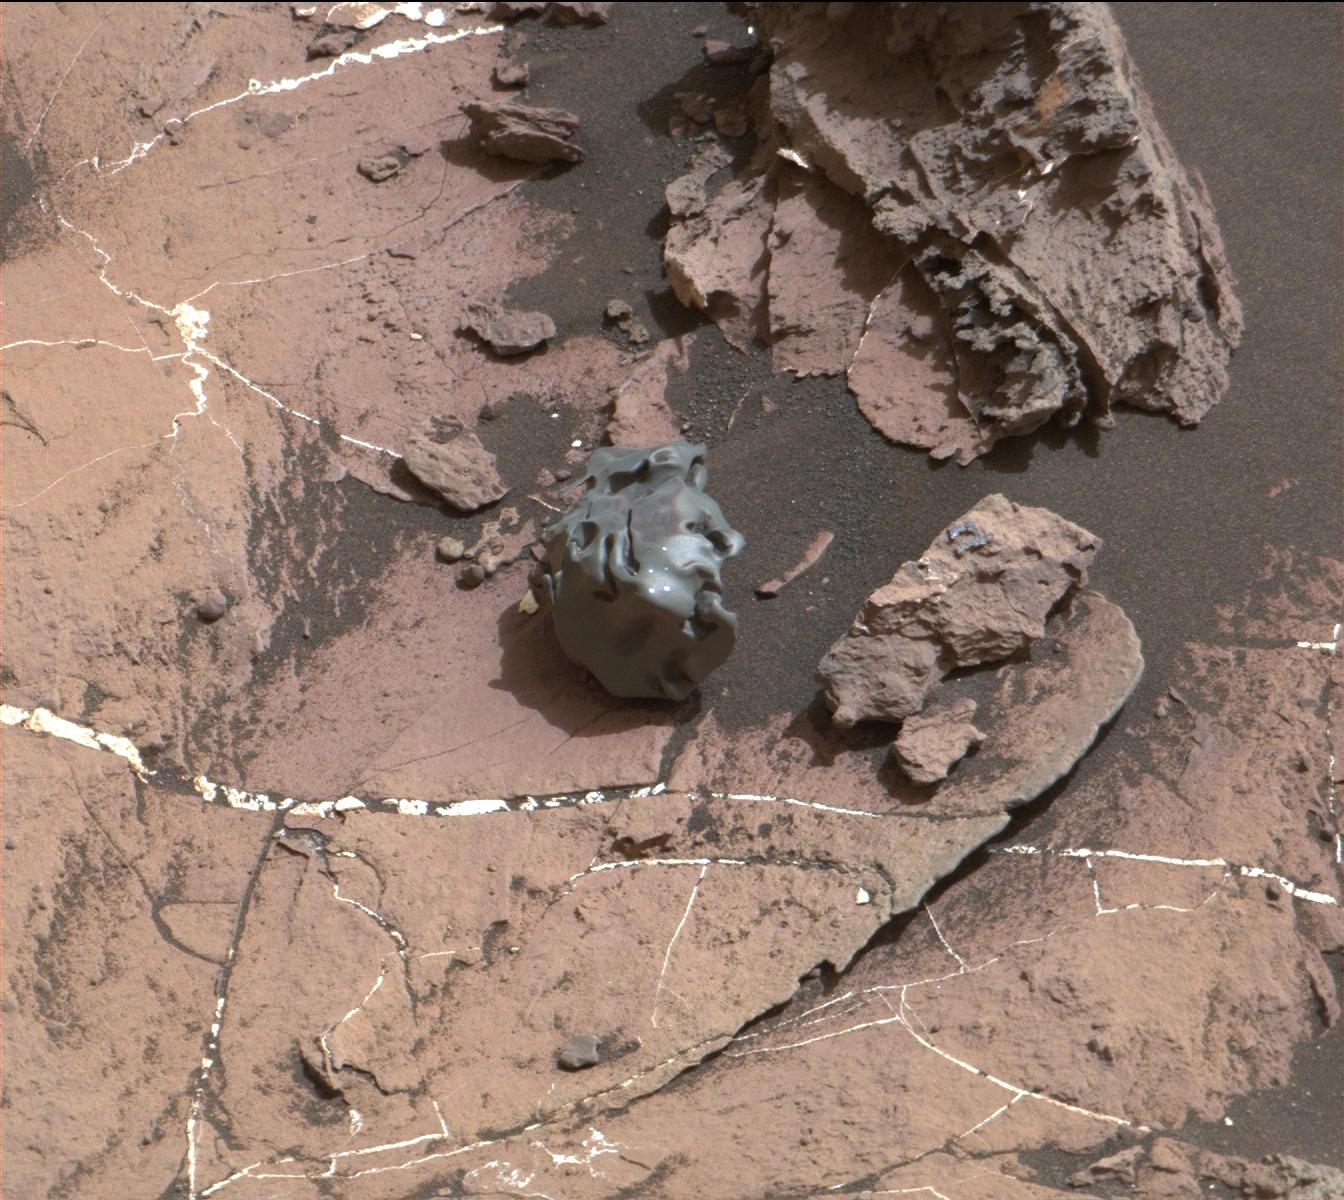 bpc_msl-curiosity-finds-meteorite-mars-pia21134.jpg